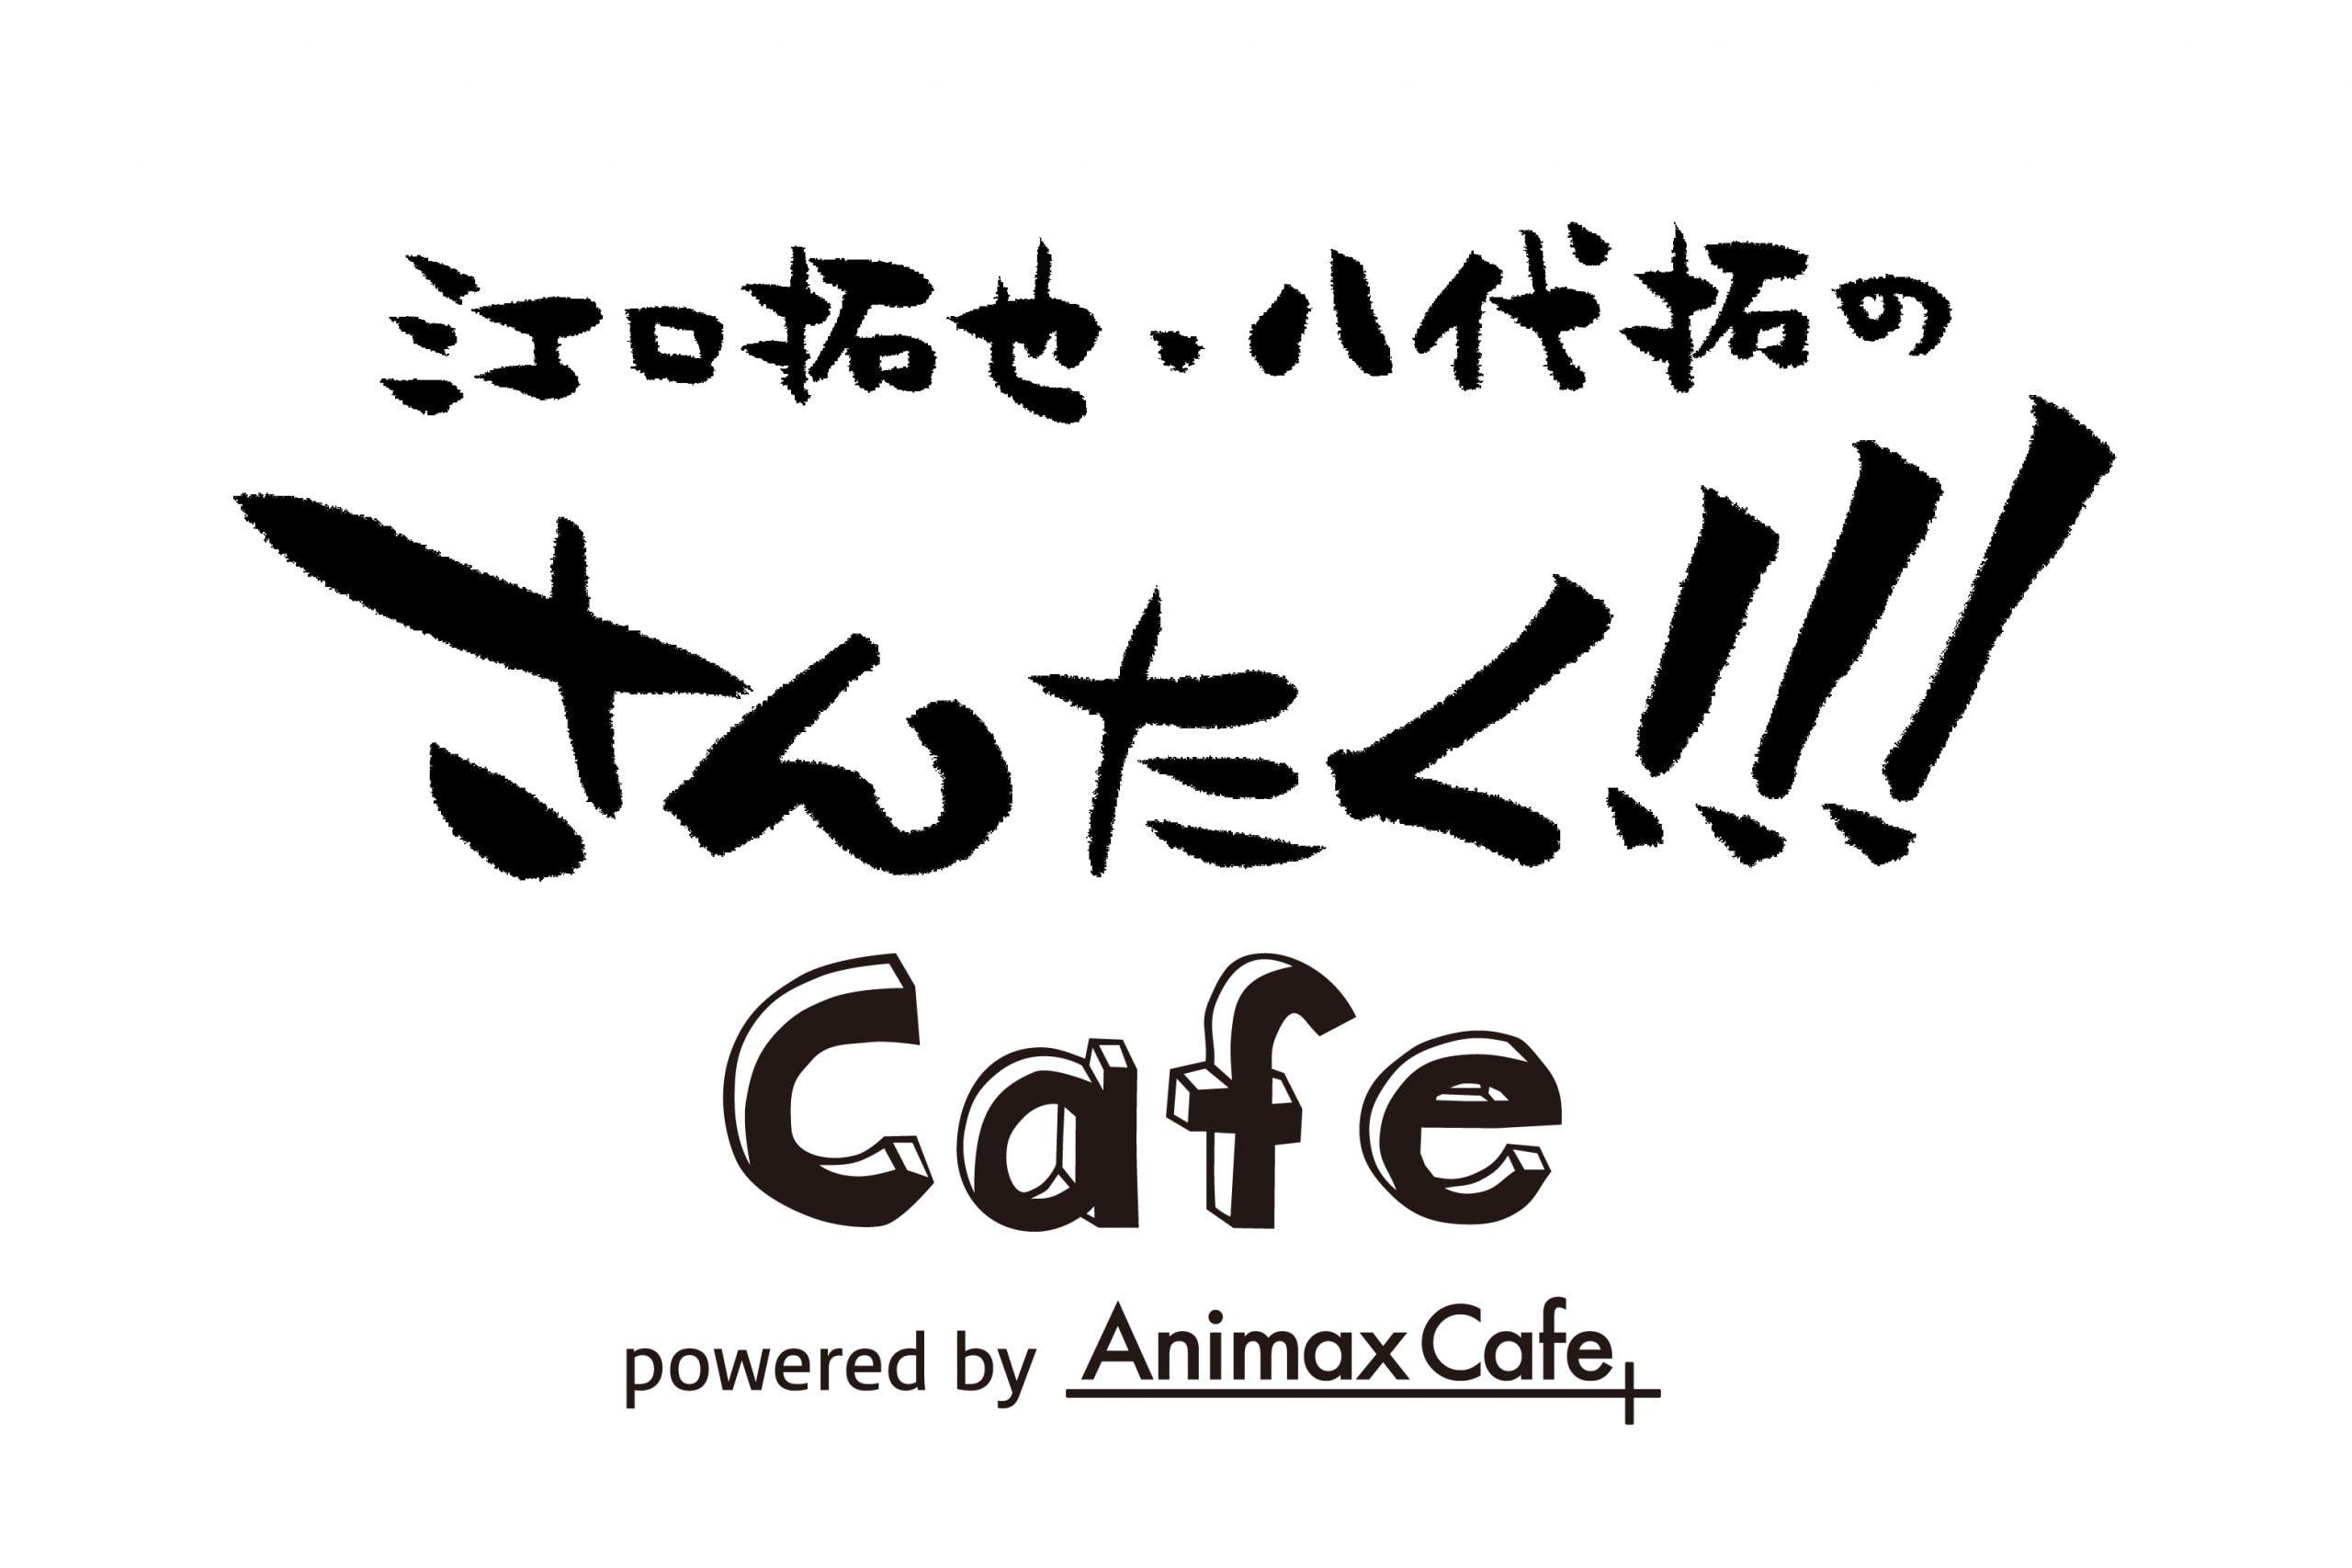 江口拓也・八代拓の「さんたく!!!カフェ」in Animax Cafe+ 2.21-3.15 開催!